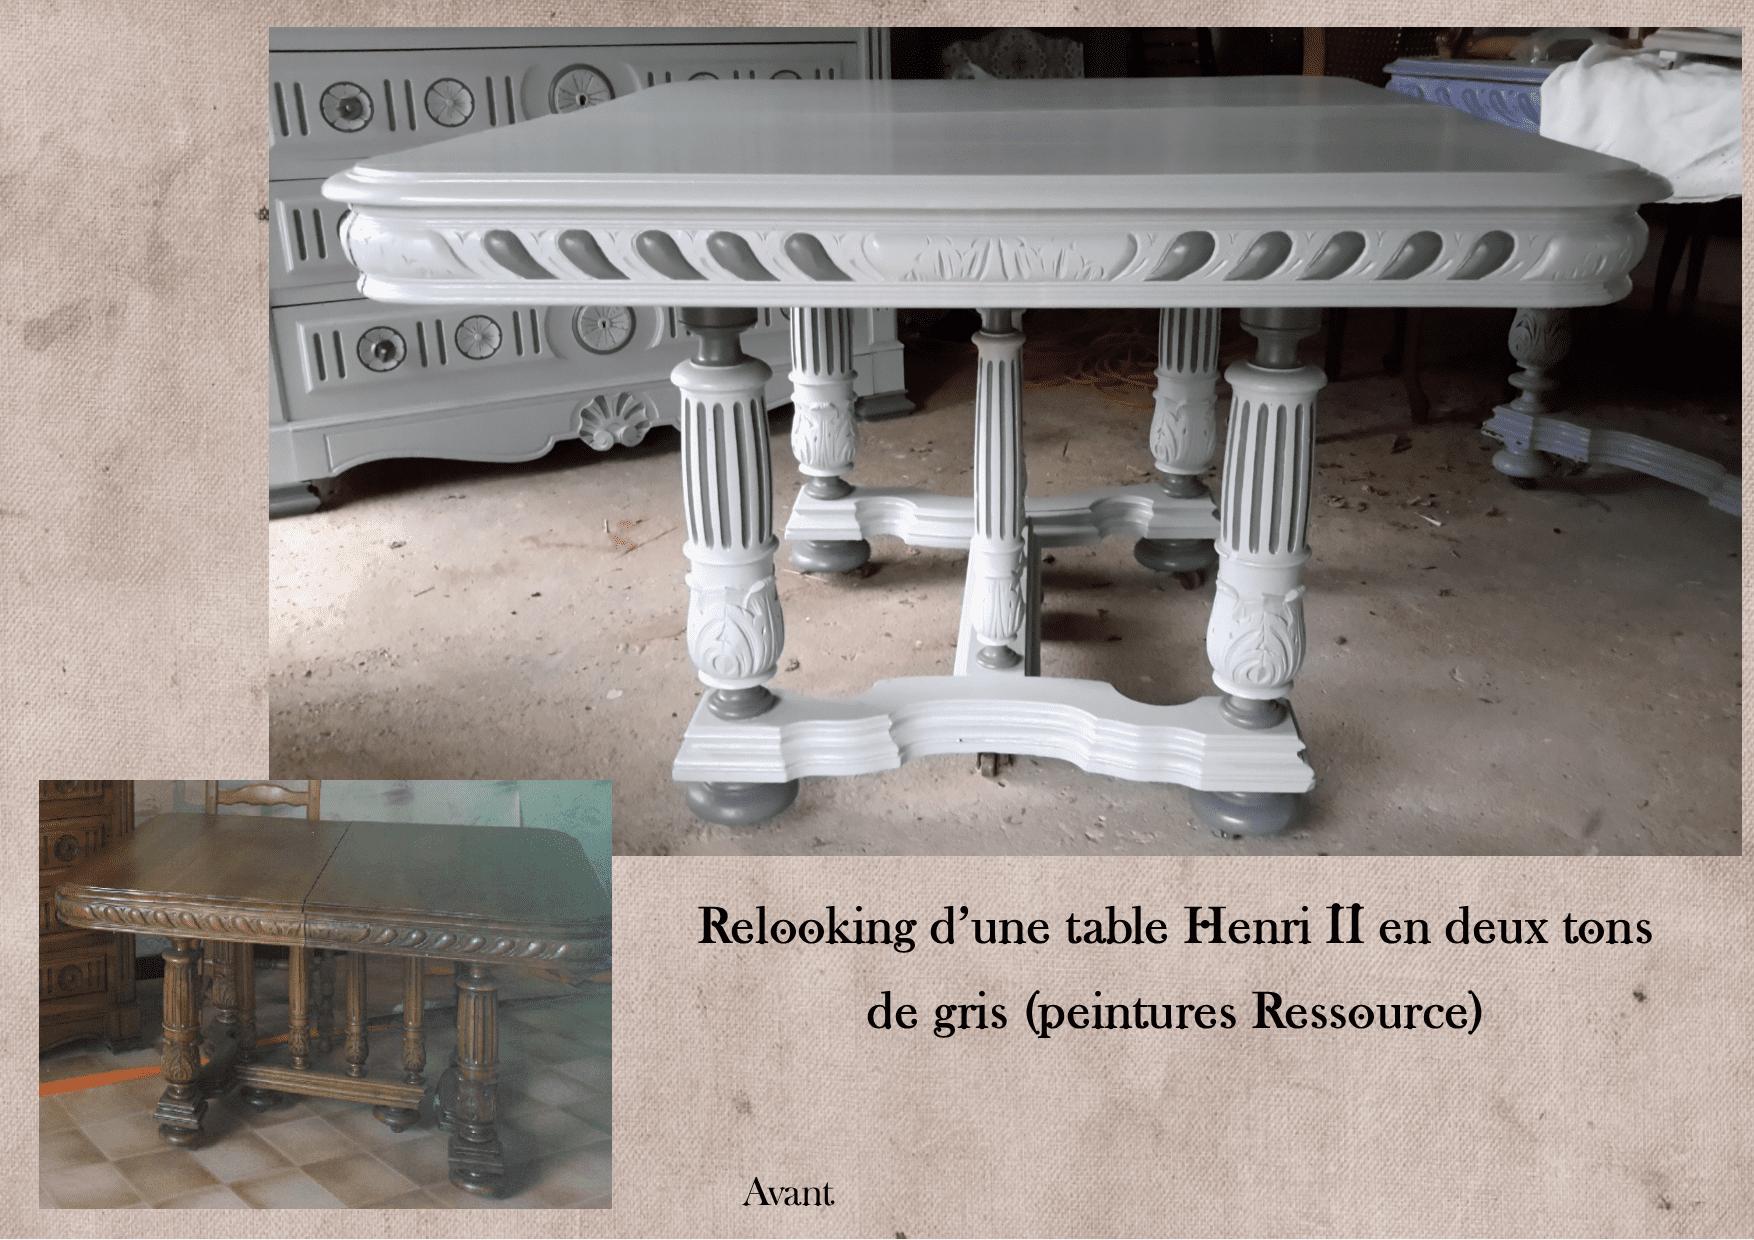 Table henri2 relookée par L'Exquise Trouvaille